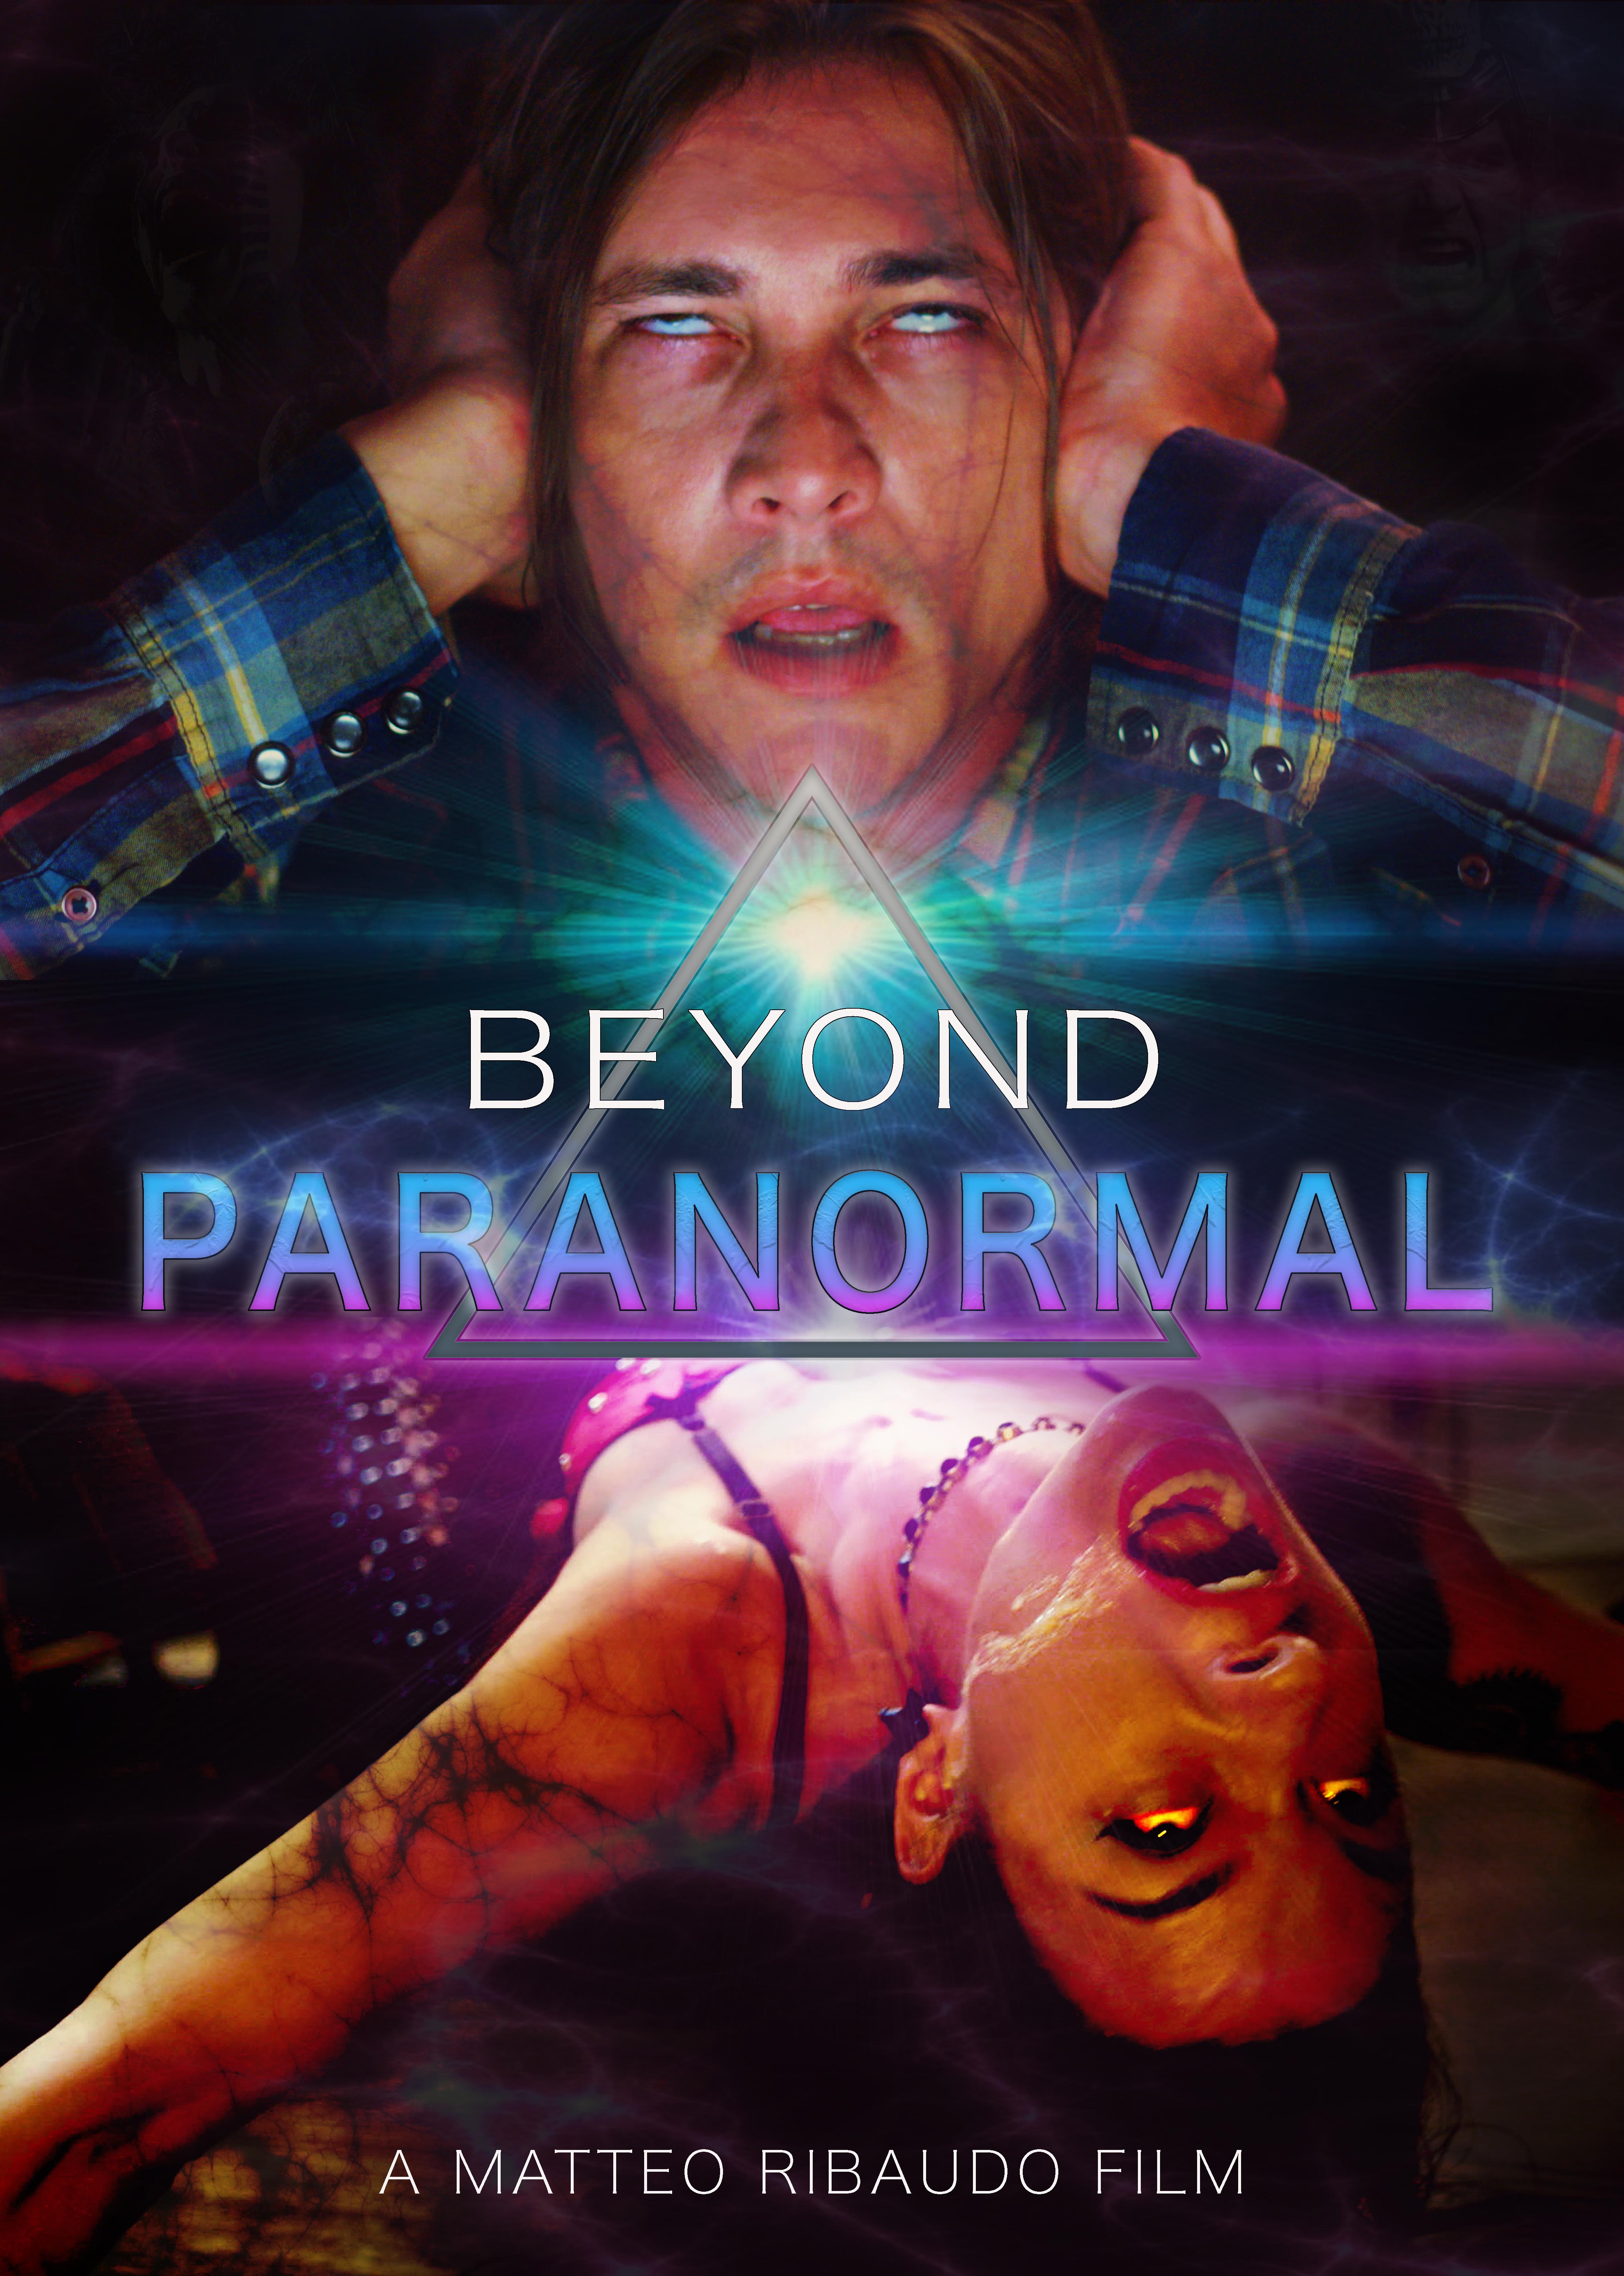 Beyond Paranormal